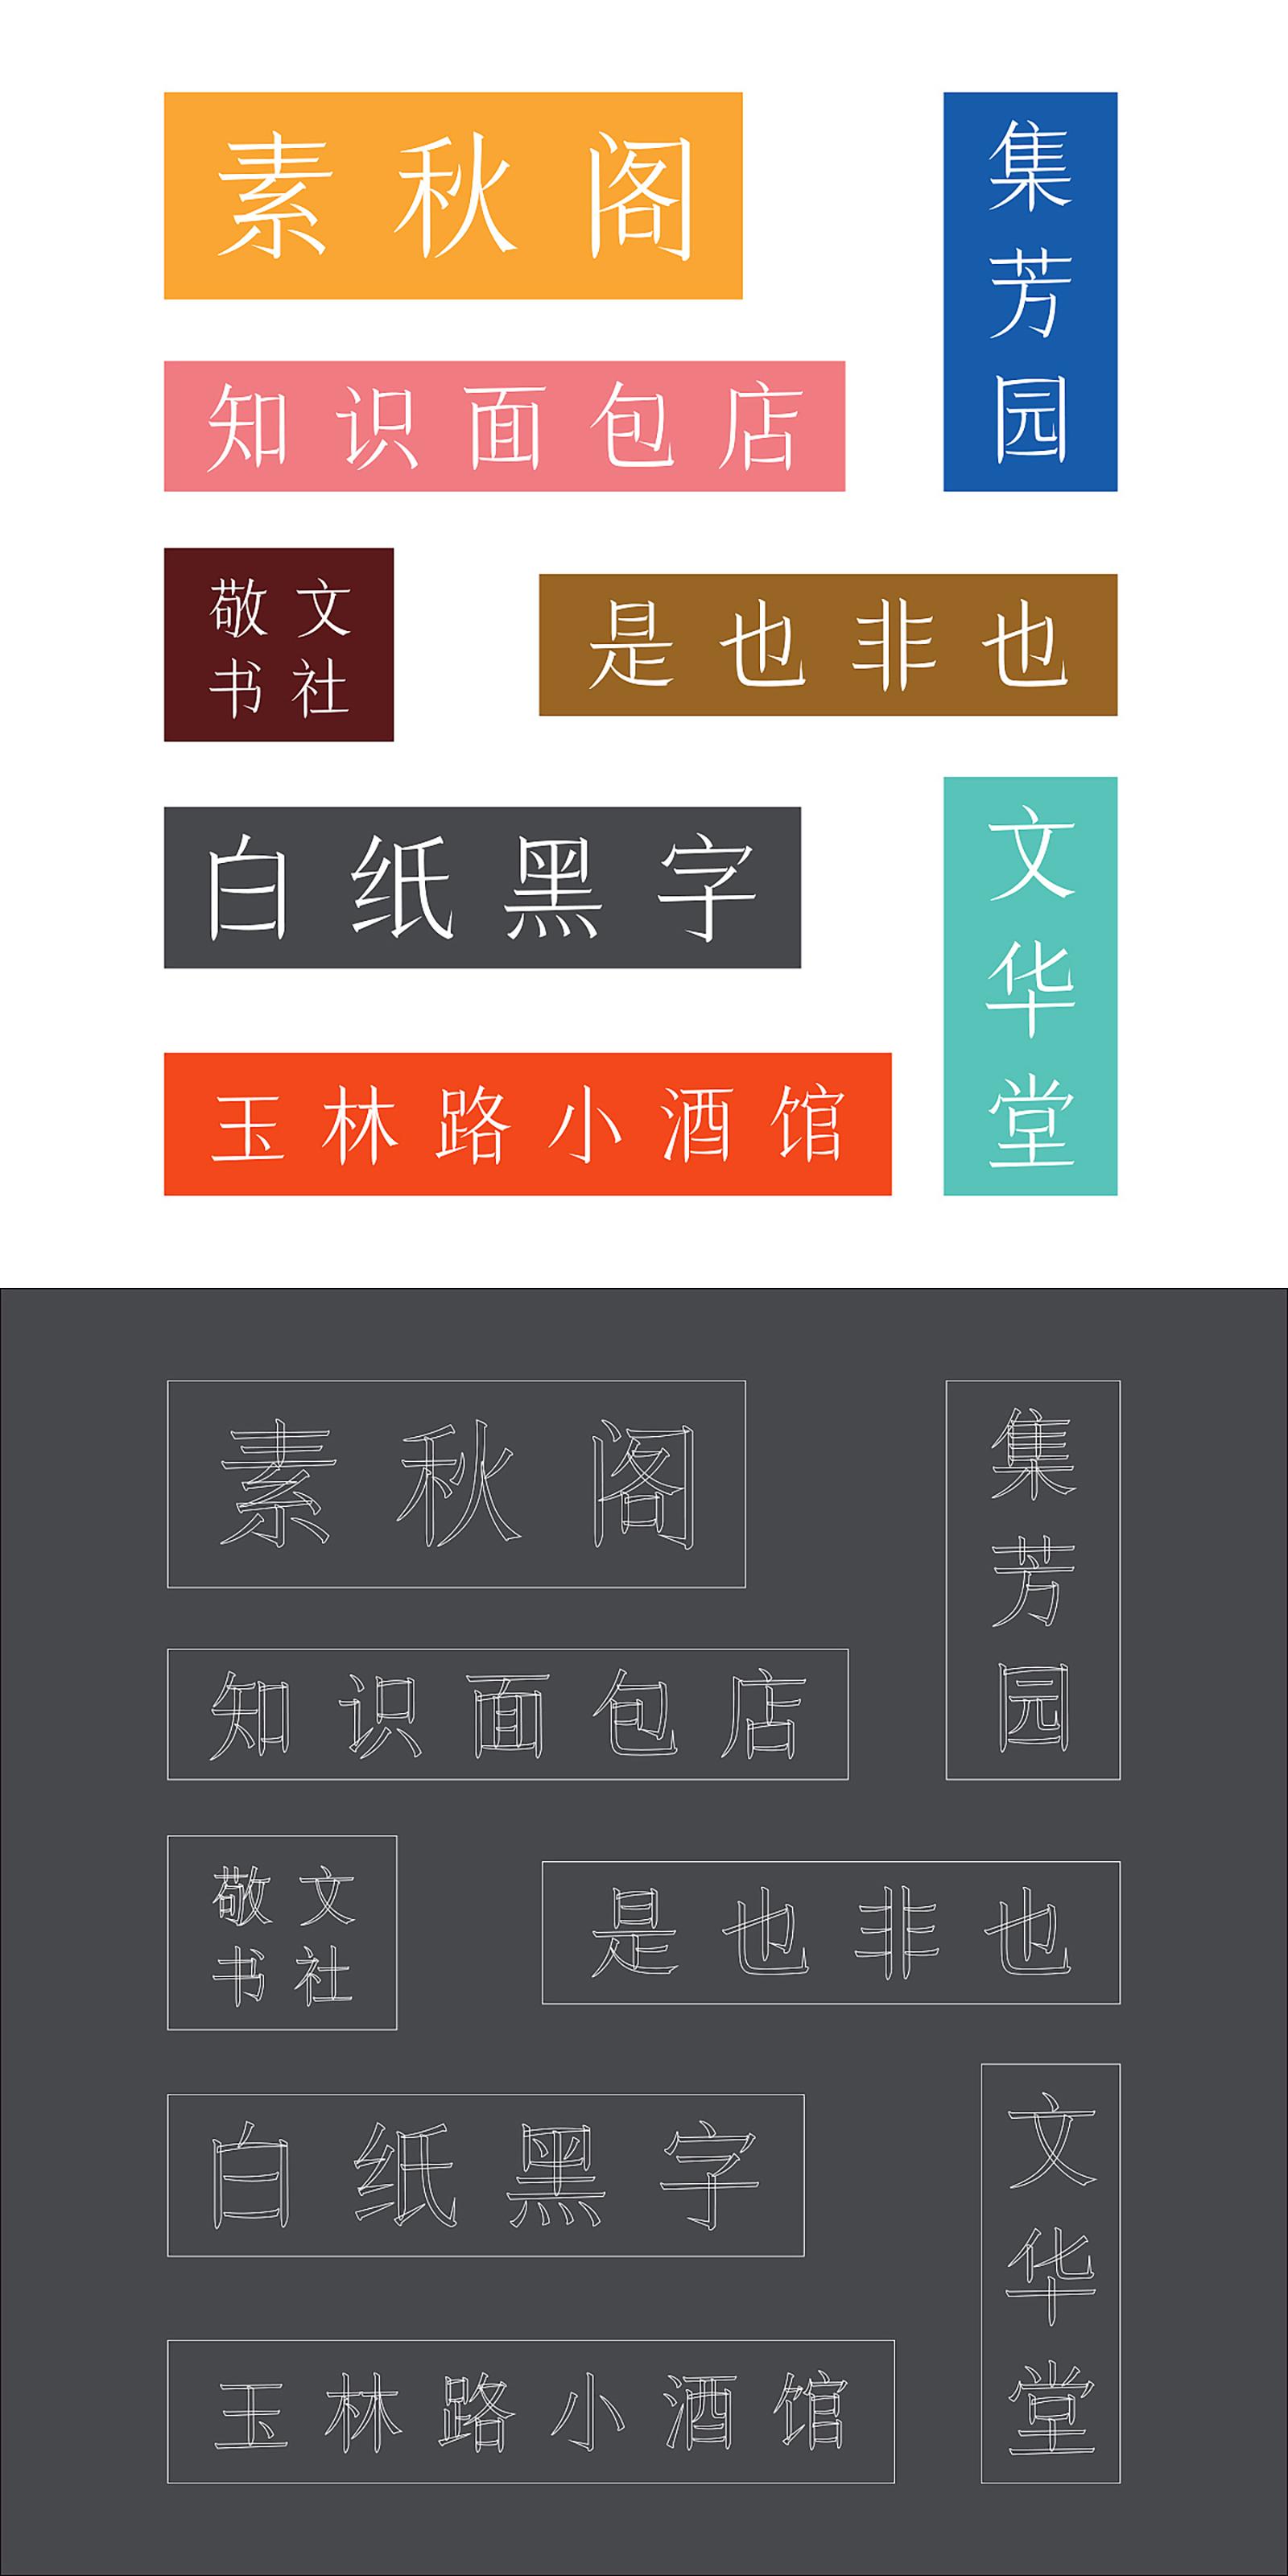 2019新字体:刘兵克春风体-深圳vi设计3